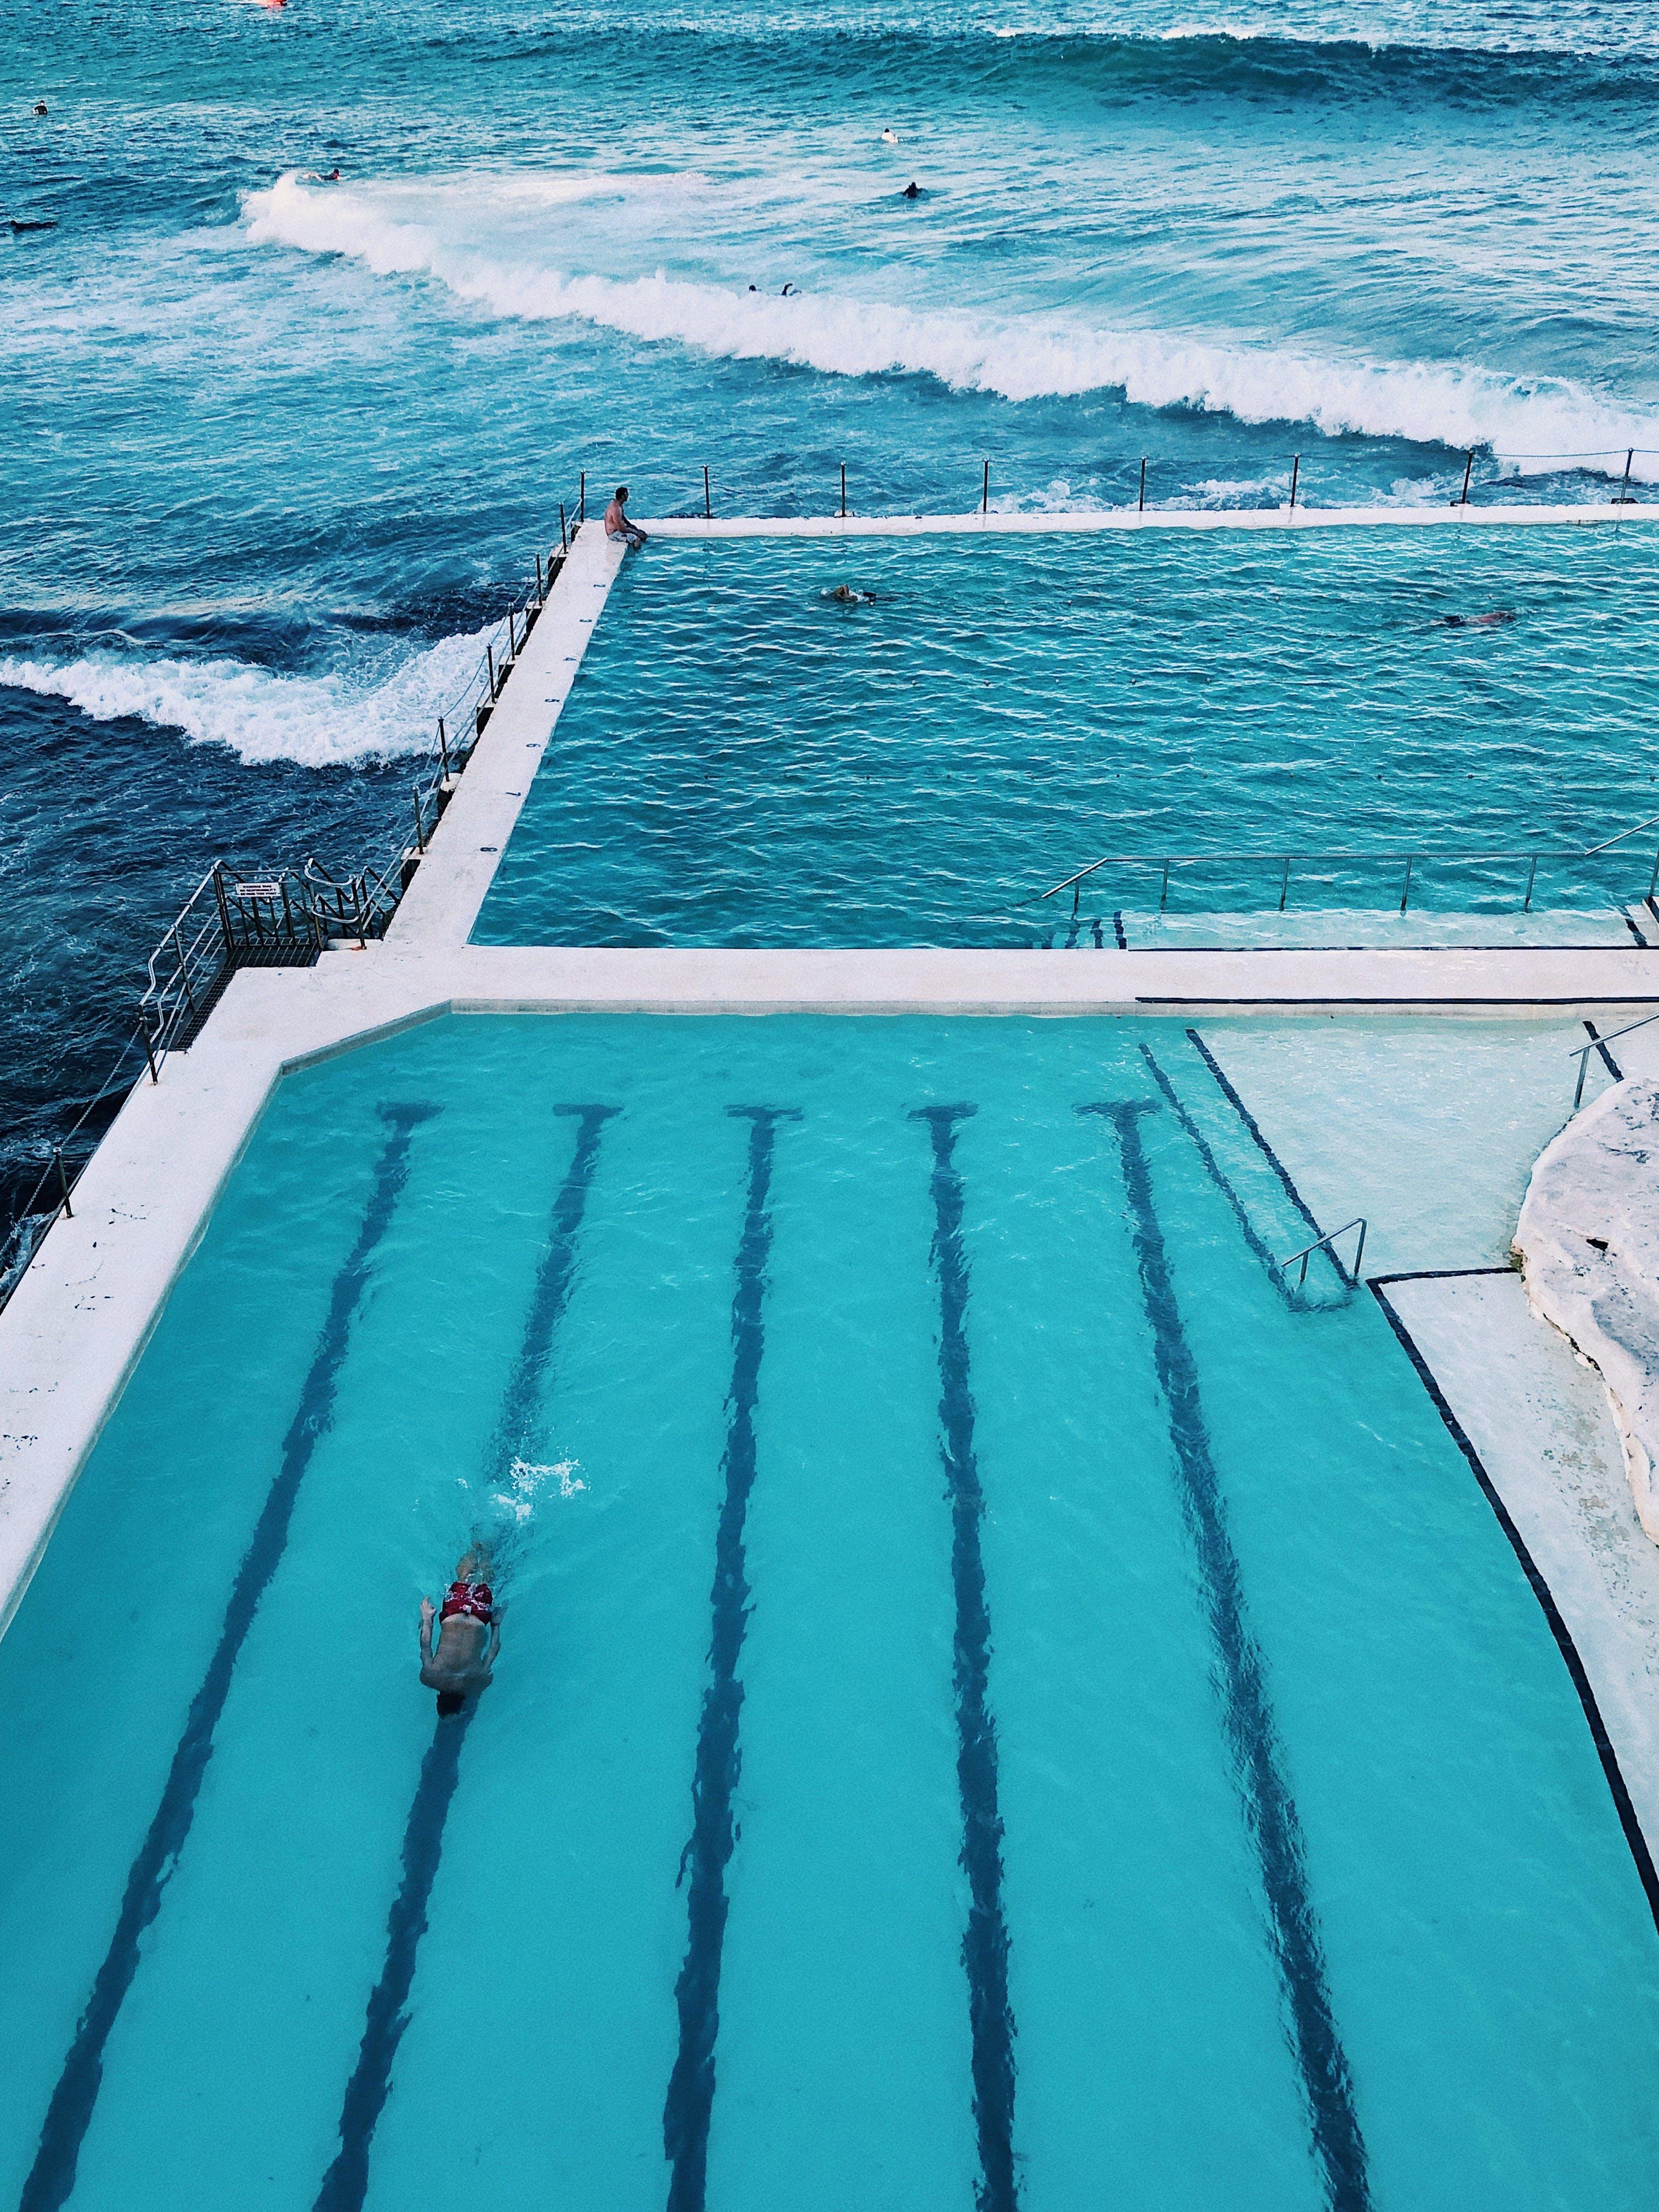 Безкоштовне стокове фото на тему «біля басейну, басейни, берег моря, відпочинок»